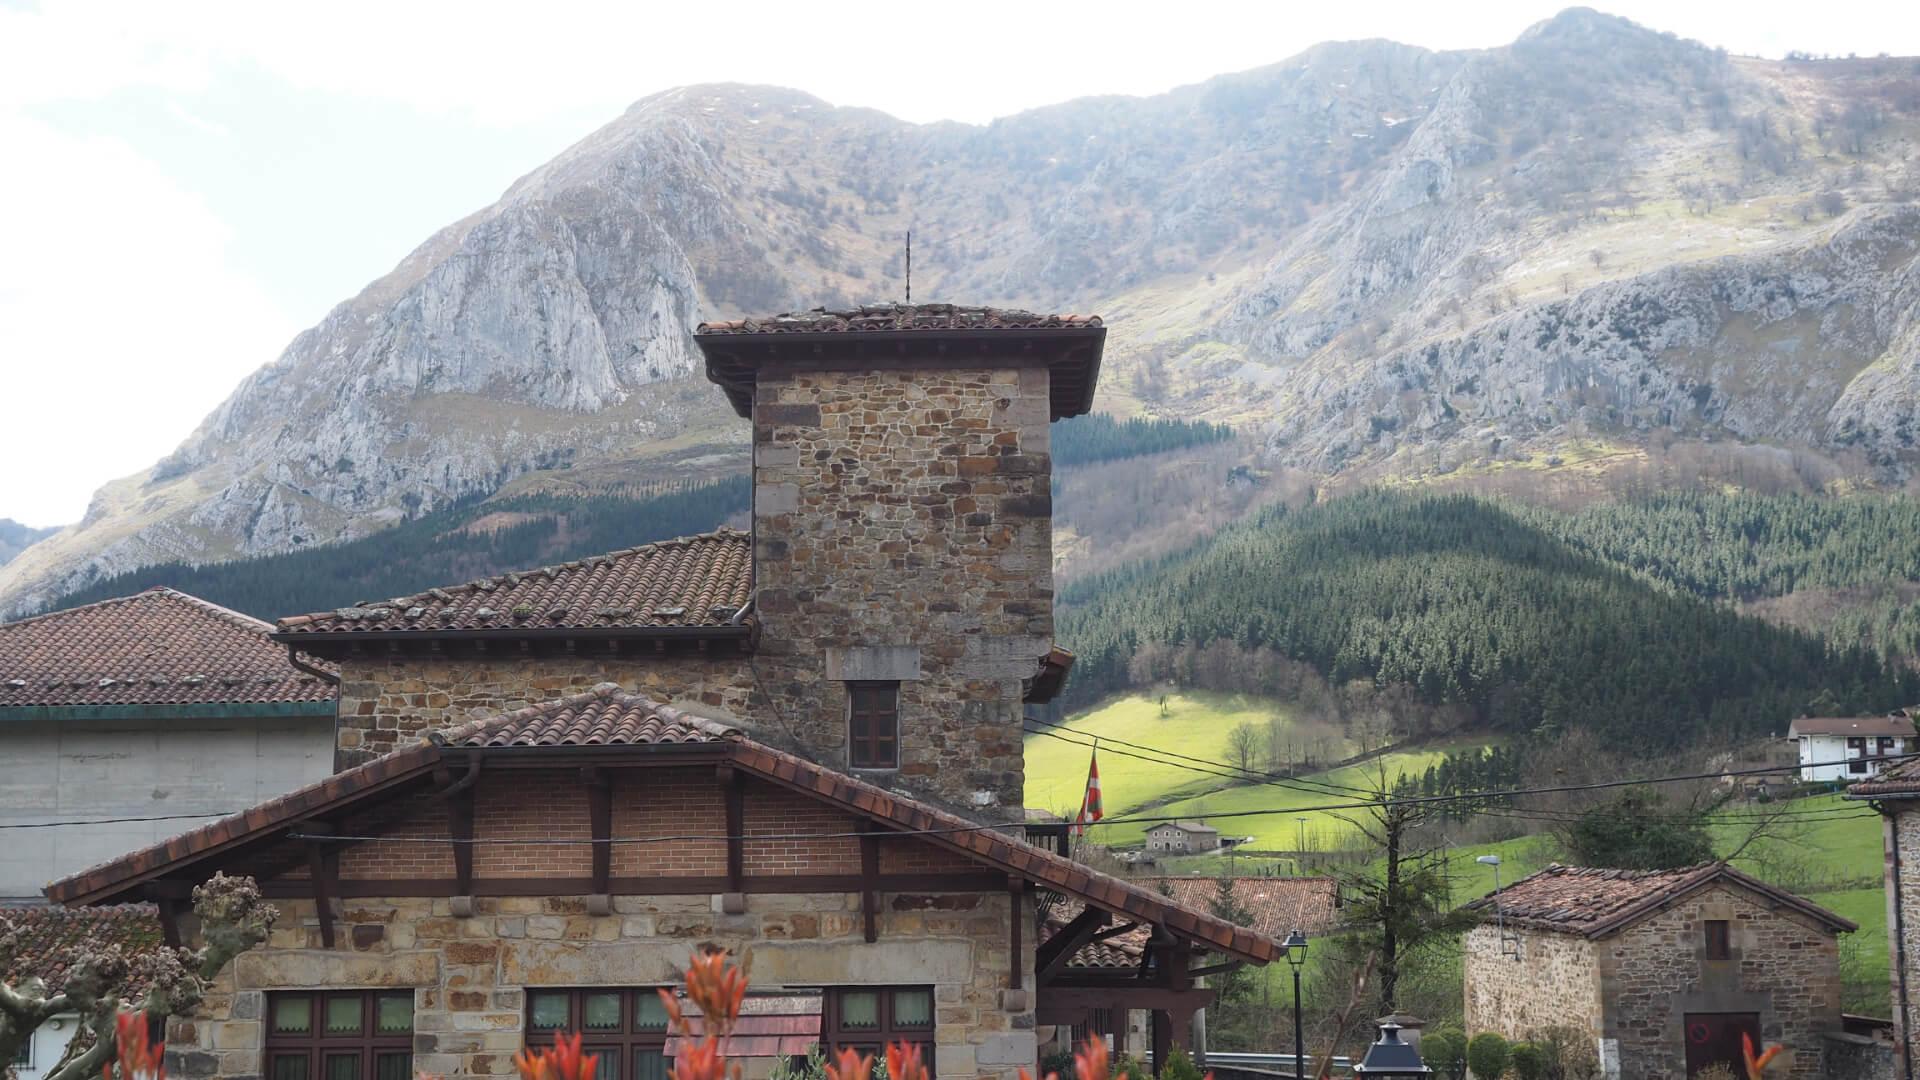 Gastronominin Yıldızlar Geçidi Bask Bölgesi'nden 2 Restoran